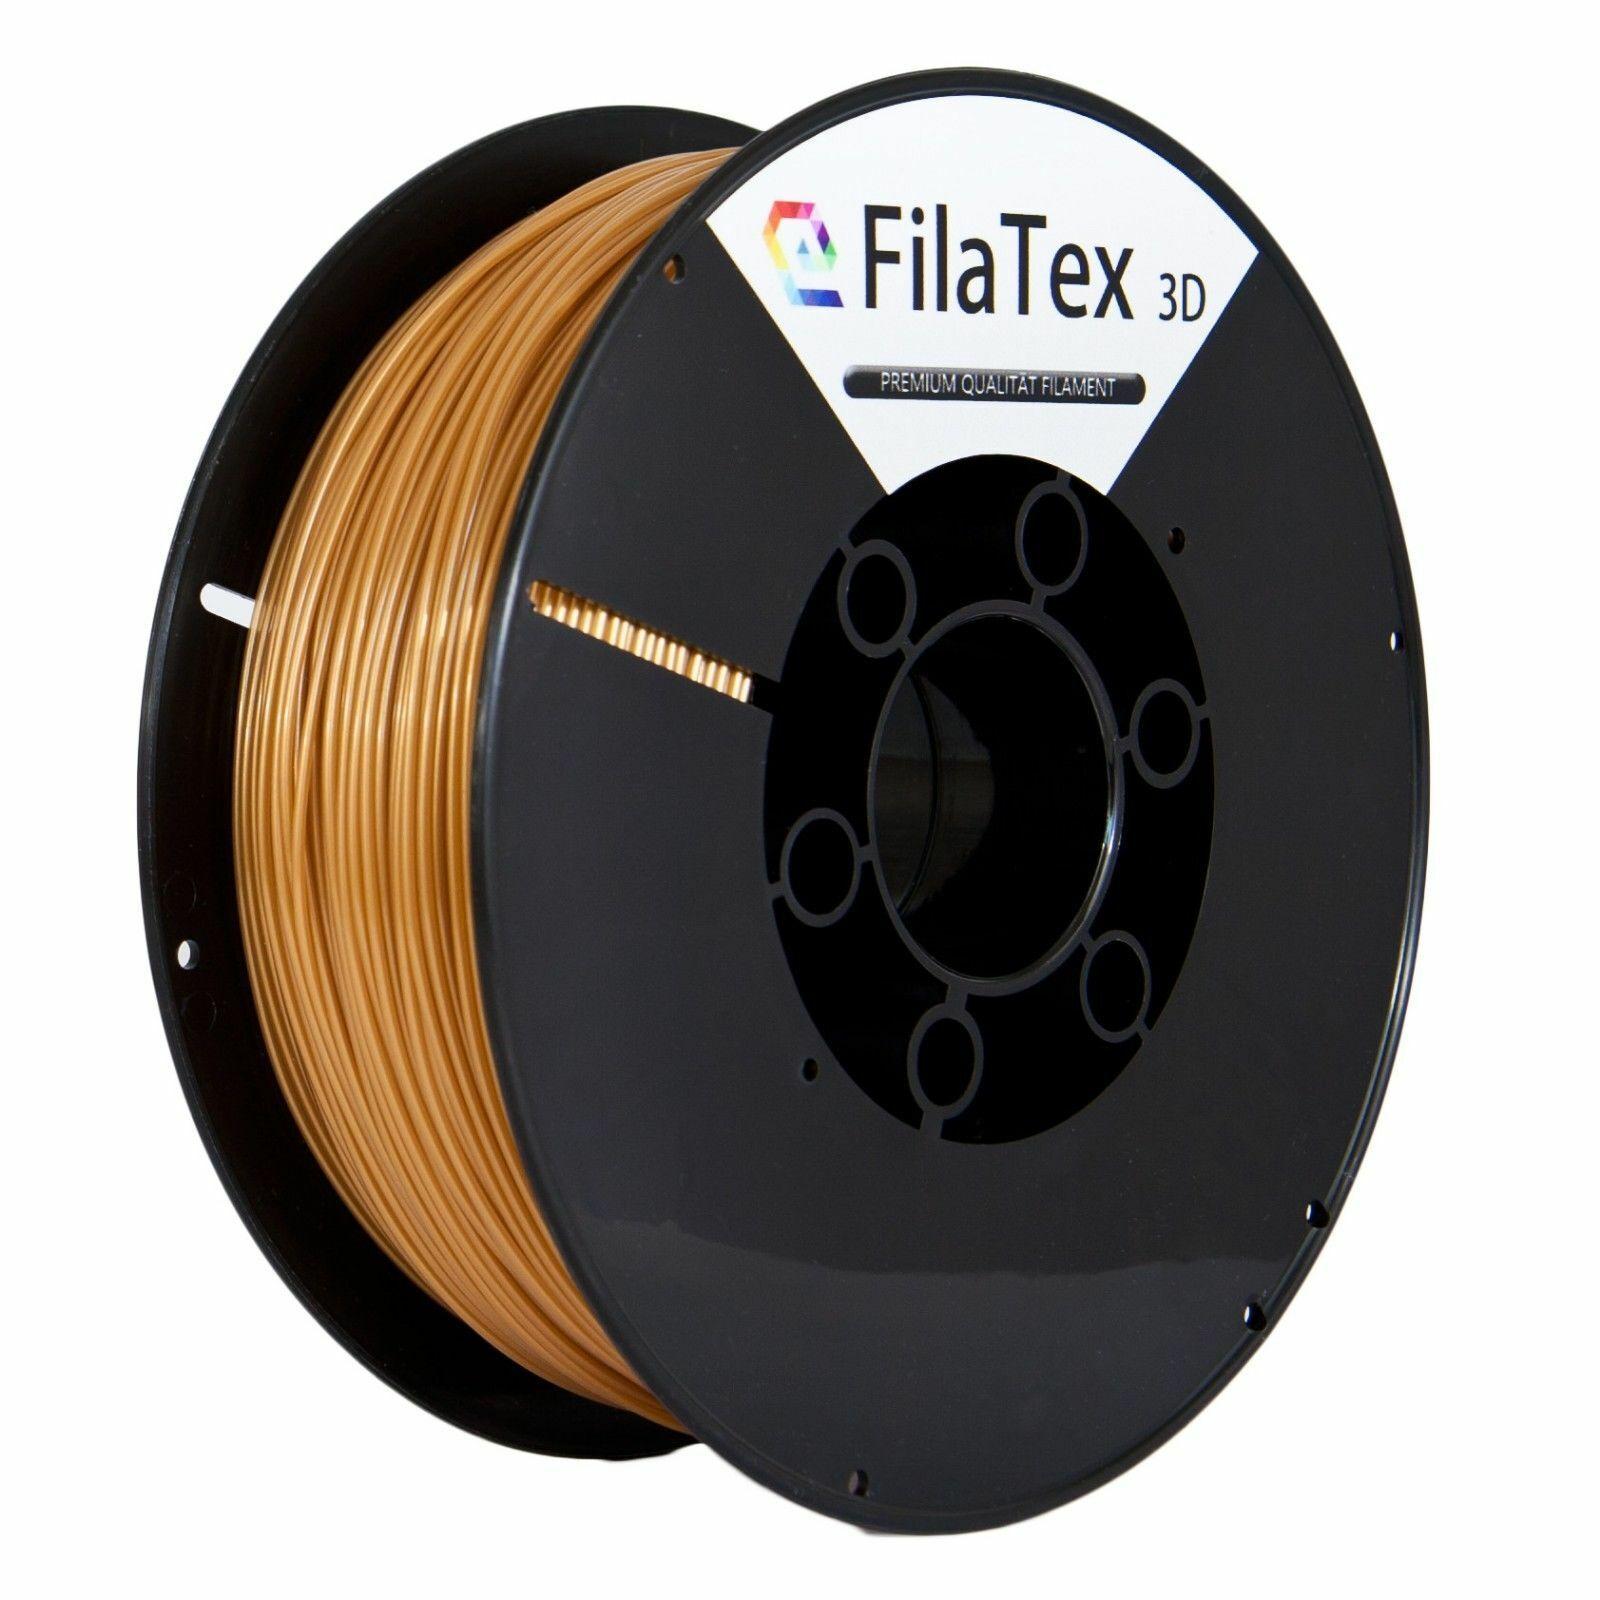 Premium Pet PETG filament role Pale Gold 1,75mm 1KG for 3D Printer filatex 3D